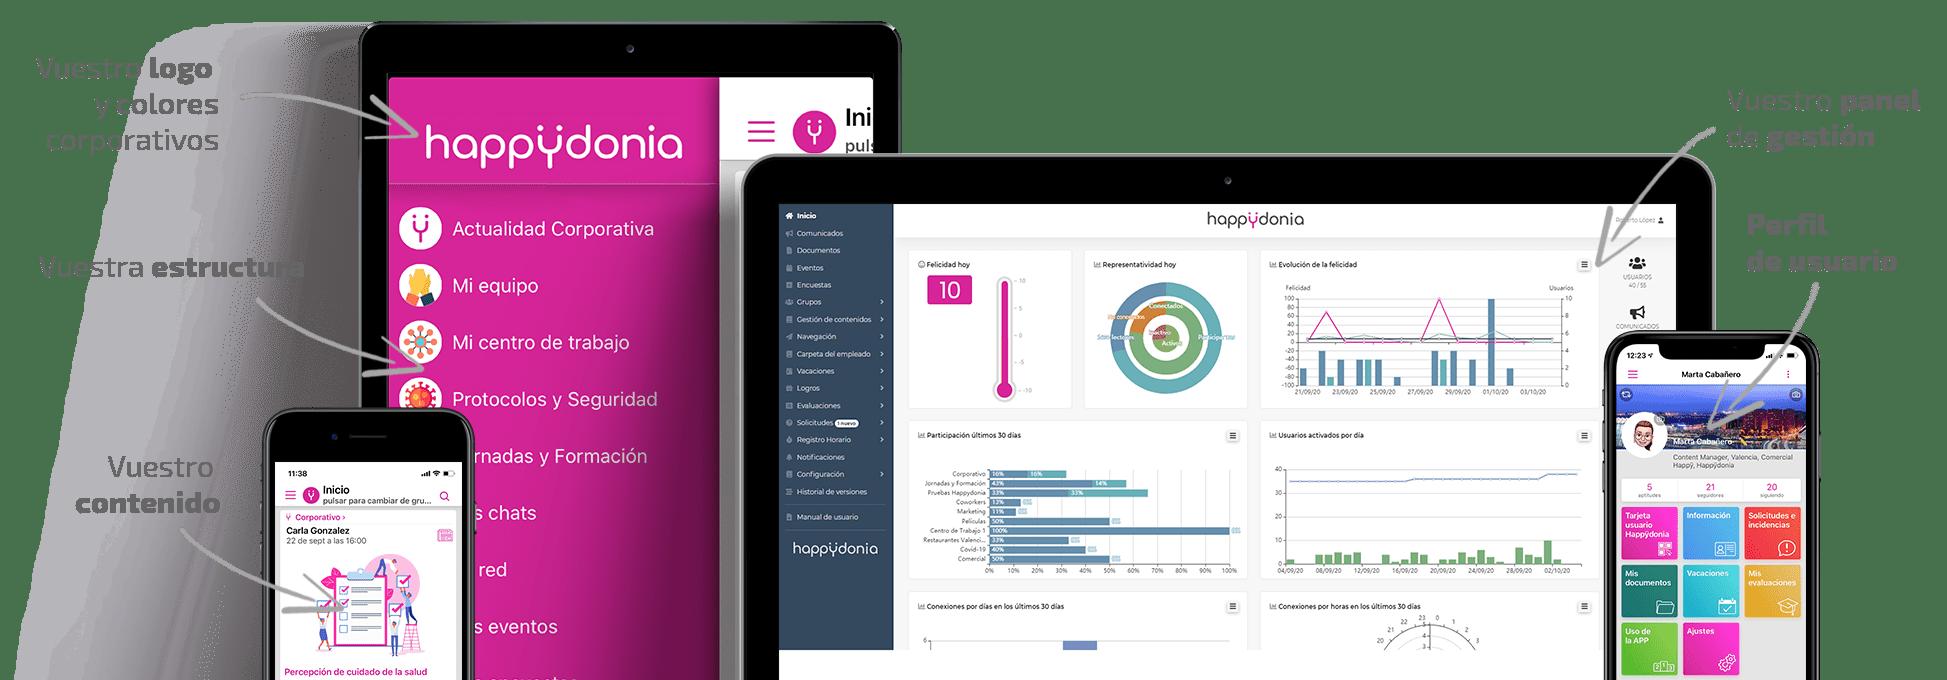 Happÿdonia es la app de comunicación interna, accesible desde cualquier dispositivo